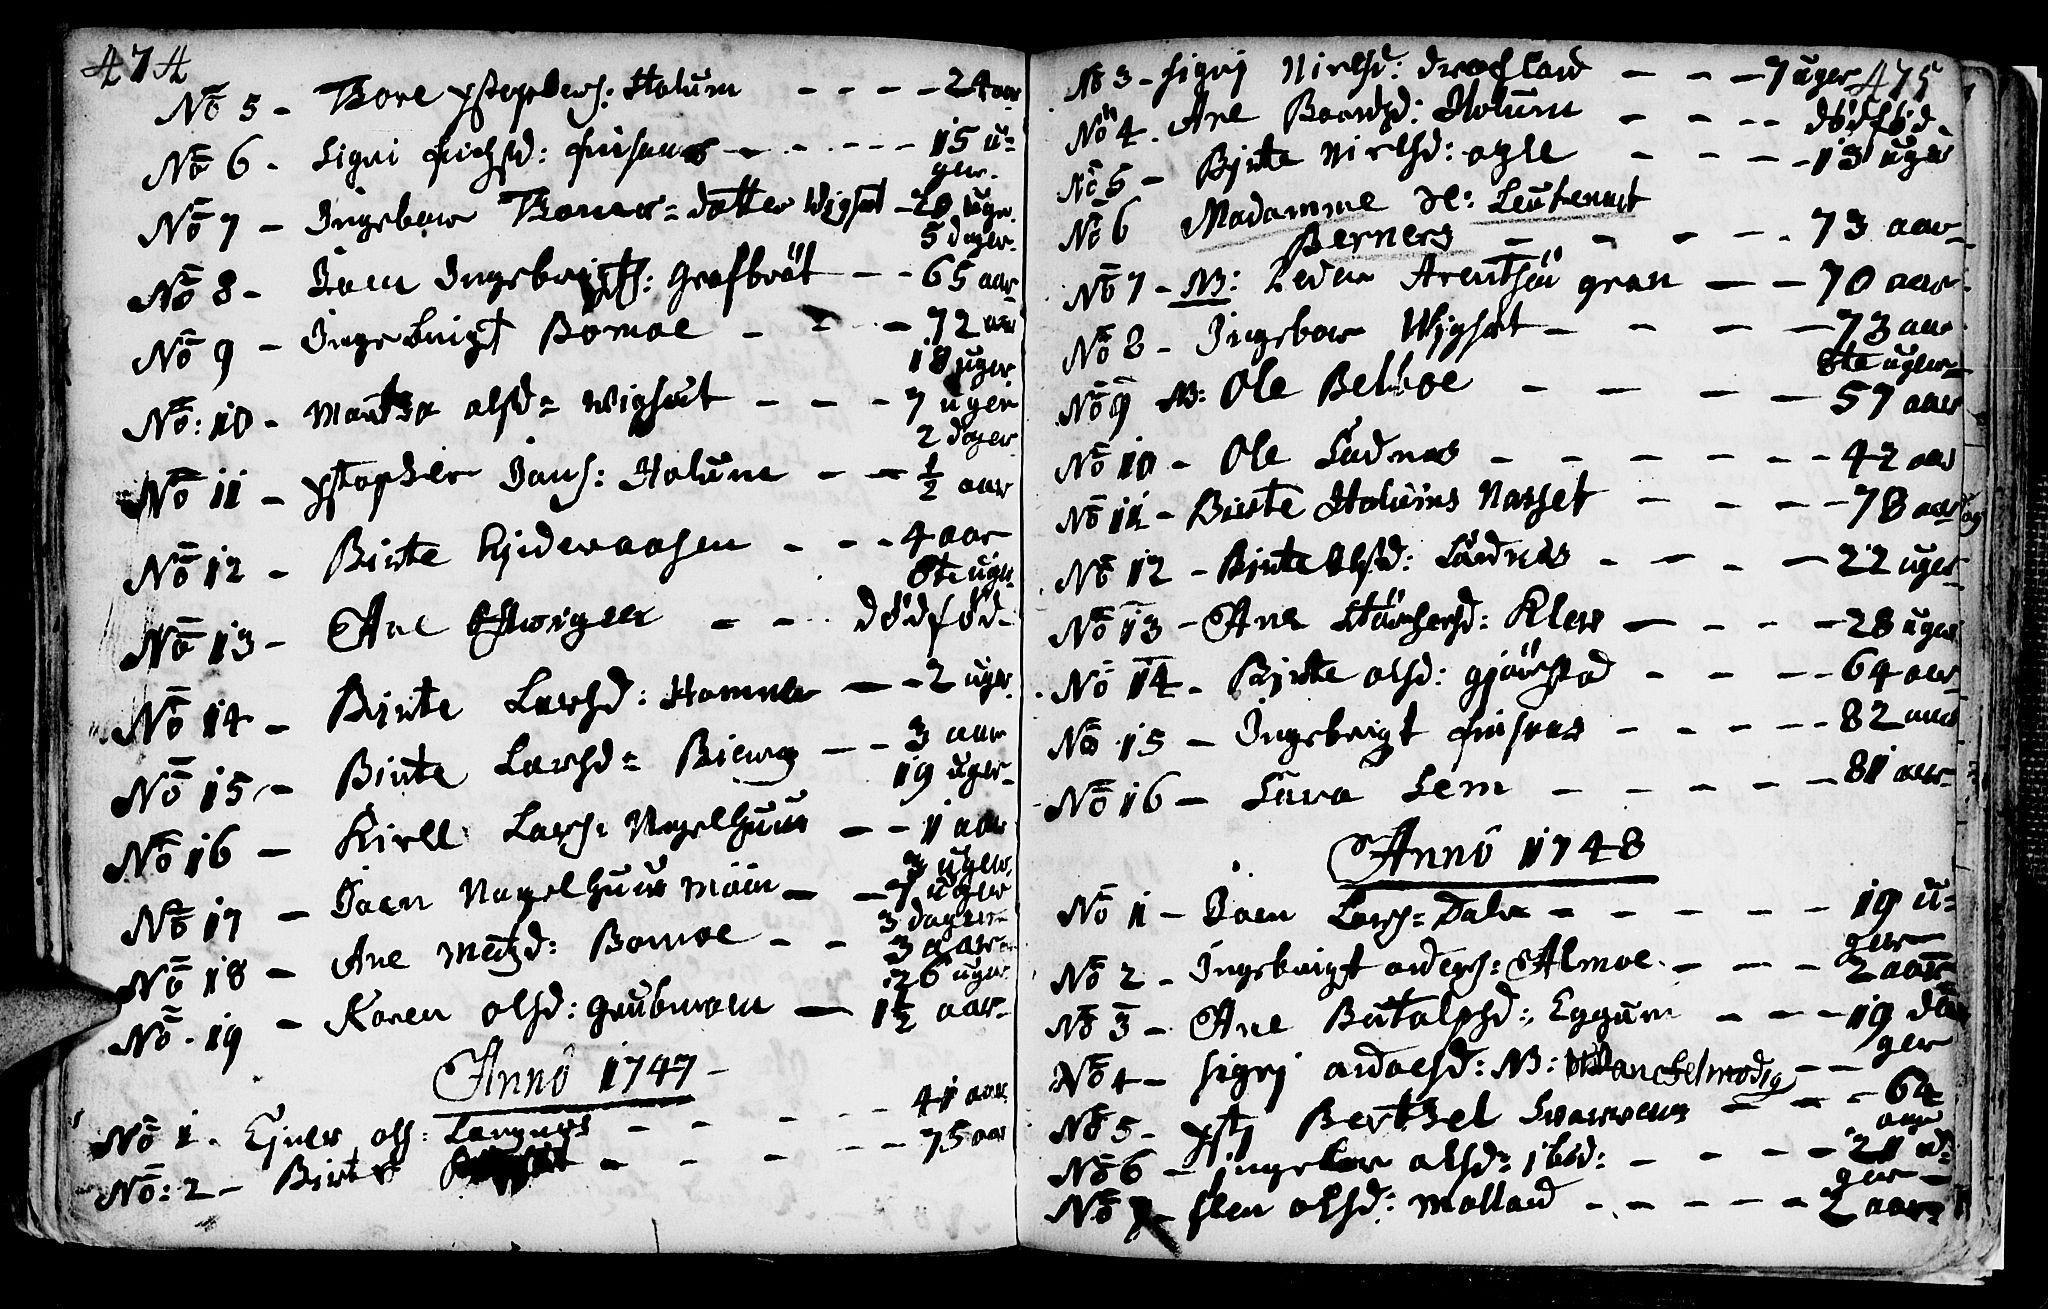 SAT, Ministerialprotokoller, klokkerbøker og fødselsregistre - Nord-Trøndelag, 749/L0467: Ministerialbok nr. 749A01, 1733-1787, s. 474-475